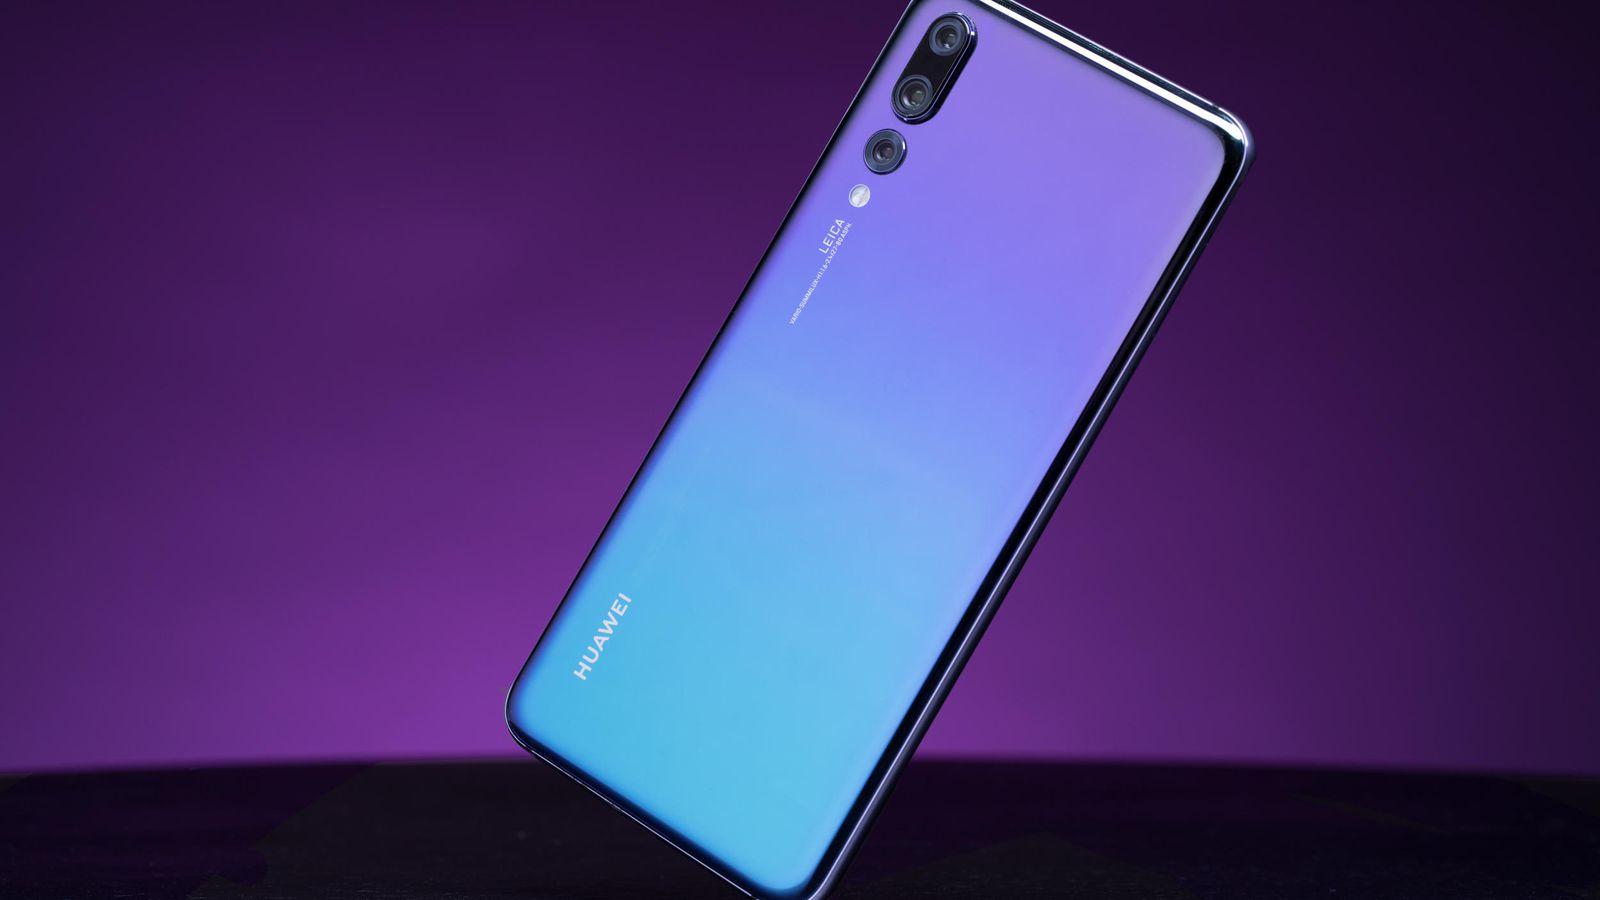 Huawei P20 Pro specifiche tecniche e caratteristiche